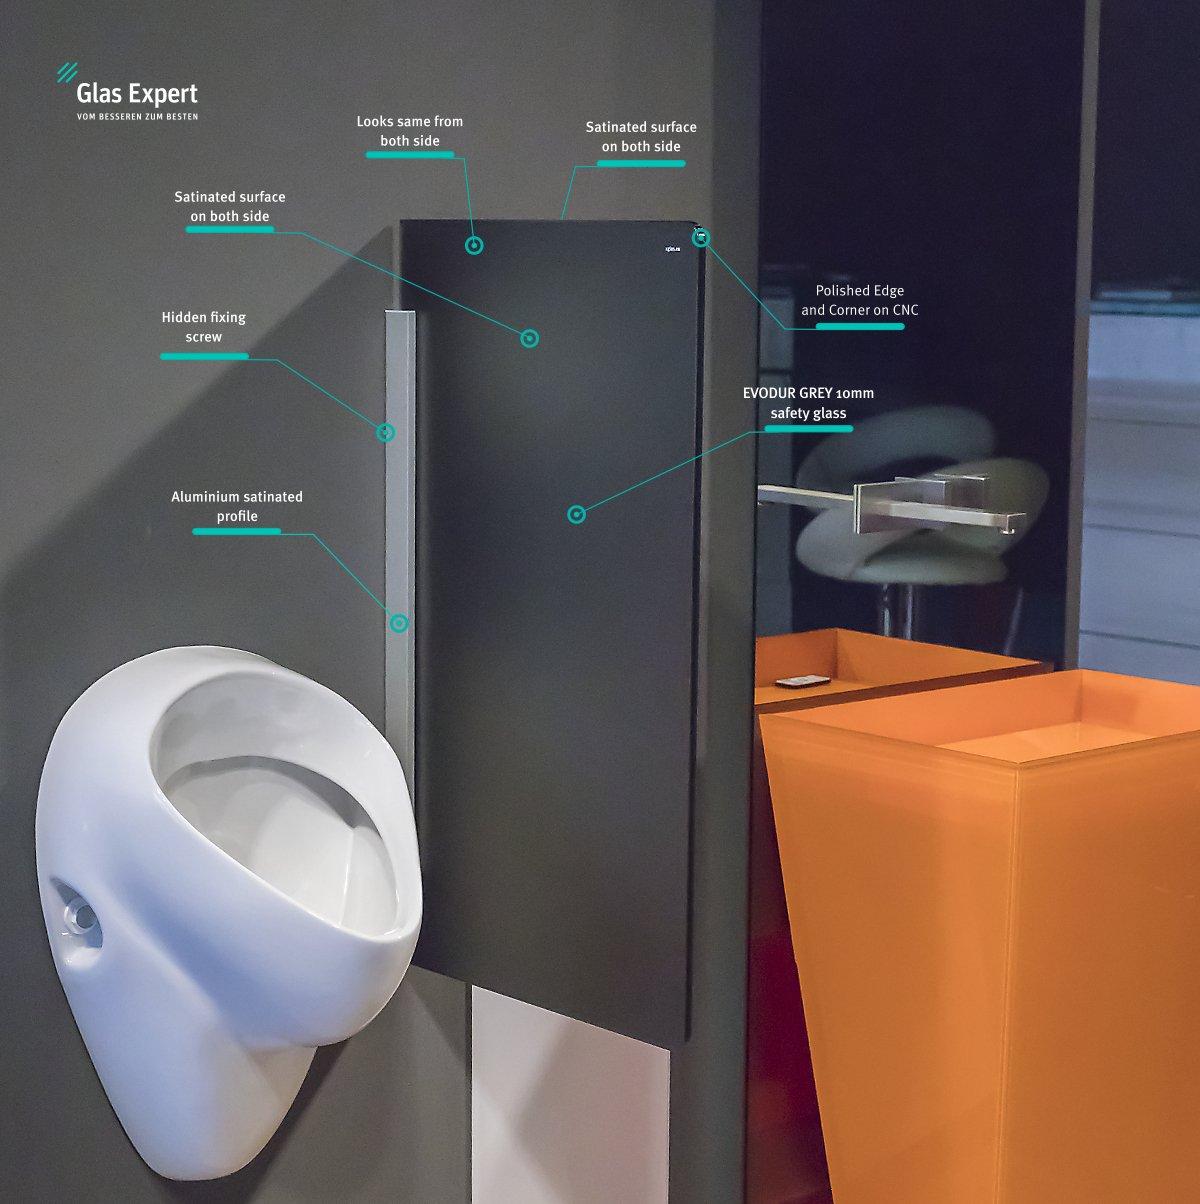 Vidrio Tabique Urinario 450 mm x 800 mm de Vidrio Urinal Urinario Divisor de Vidrio de la Ventana de Pared de Partición WC: Amazon.es: Industria, empresas y ciencia